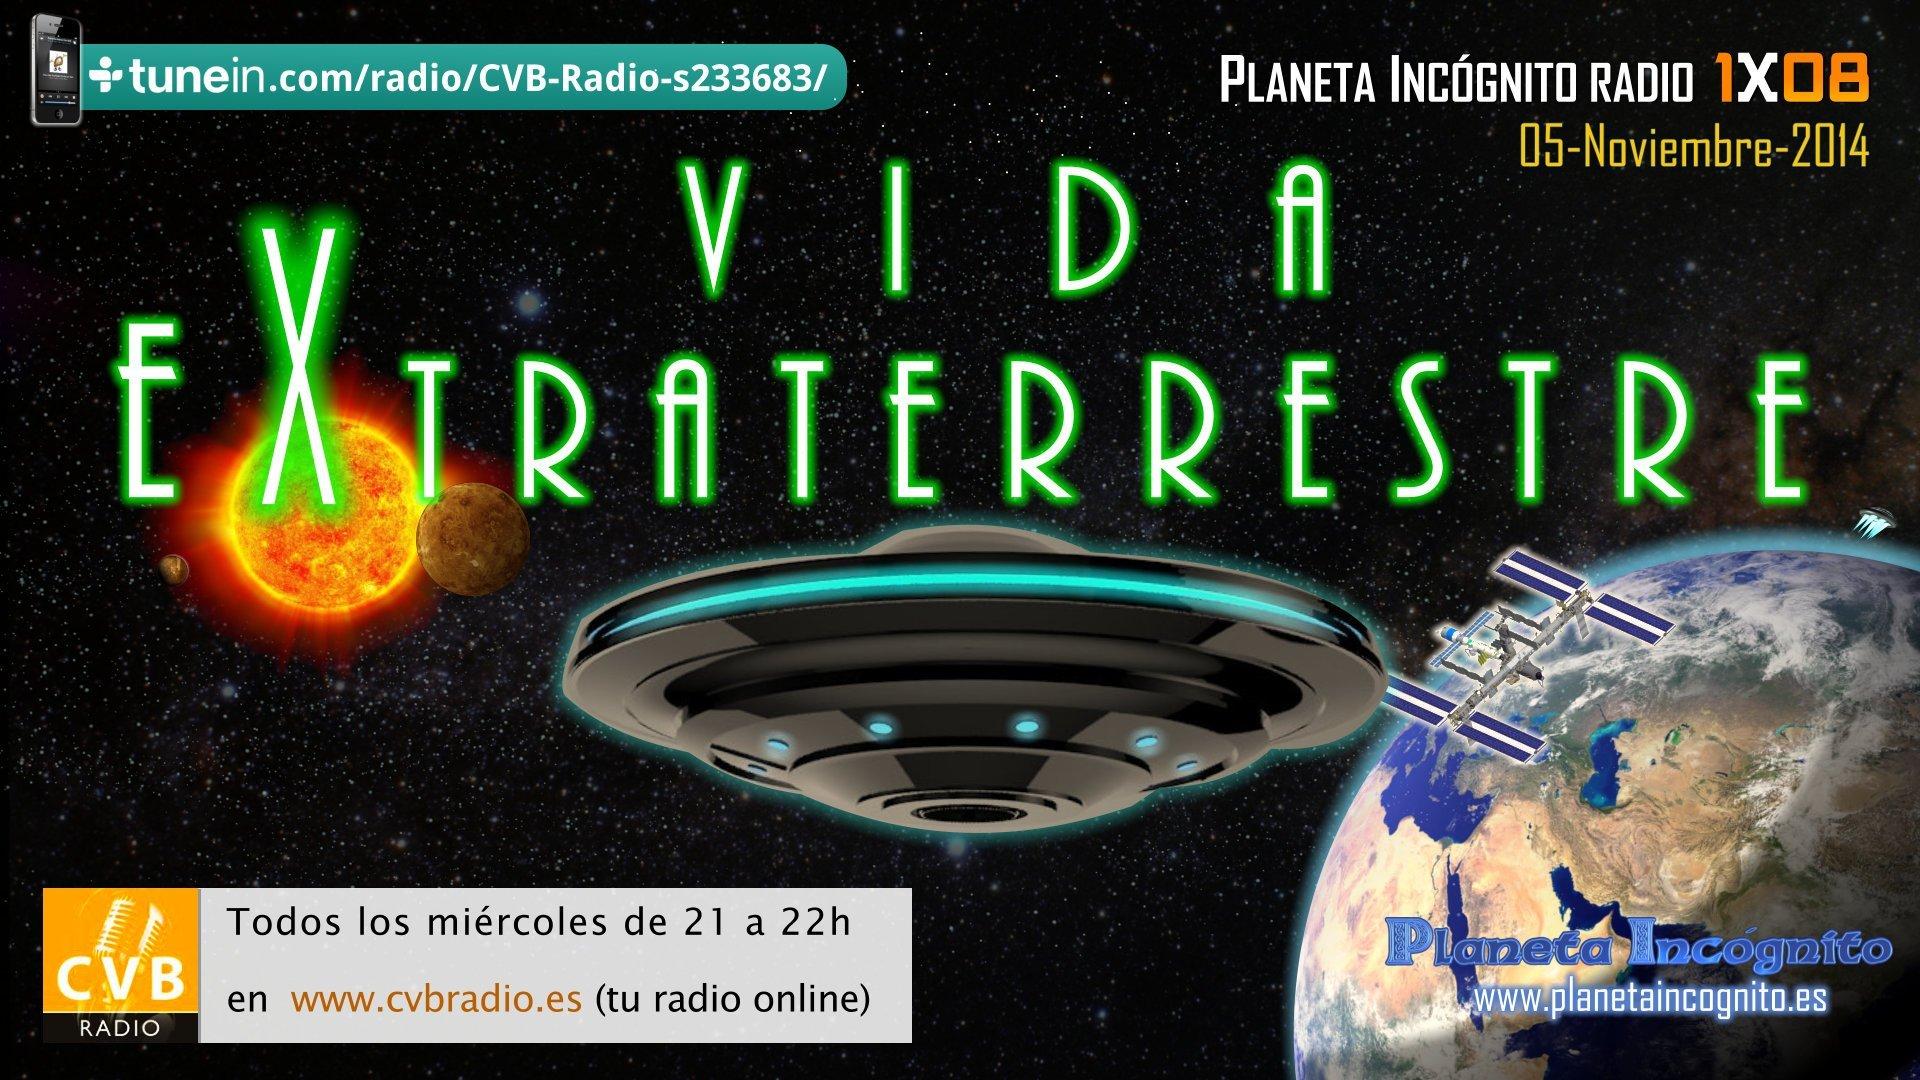 En nuestro próximo programa hablaremos sobre Vida Extraterrestre 4